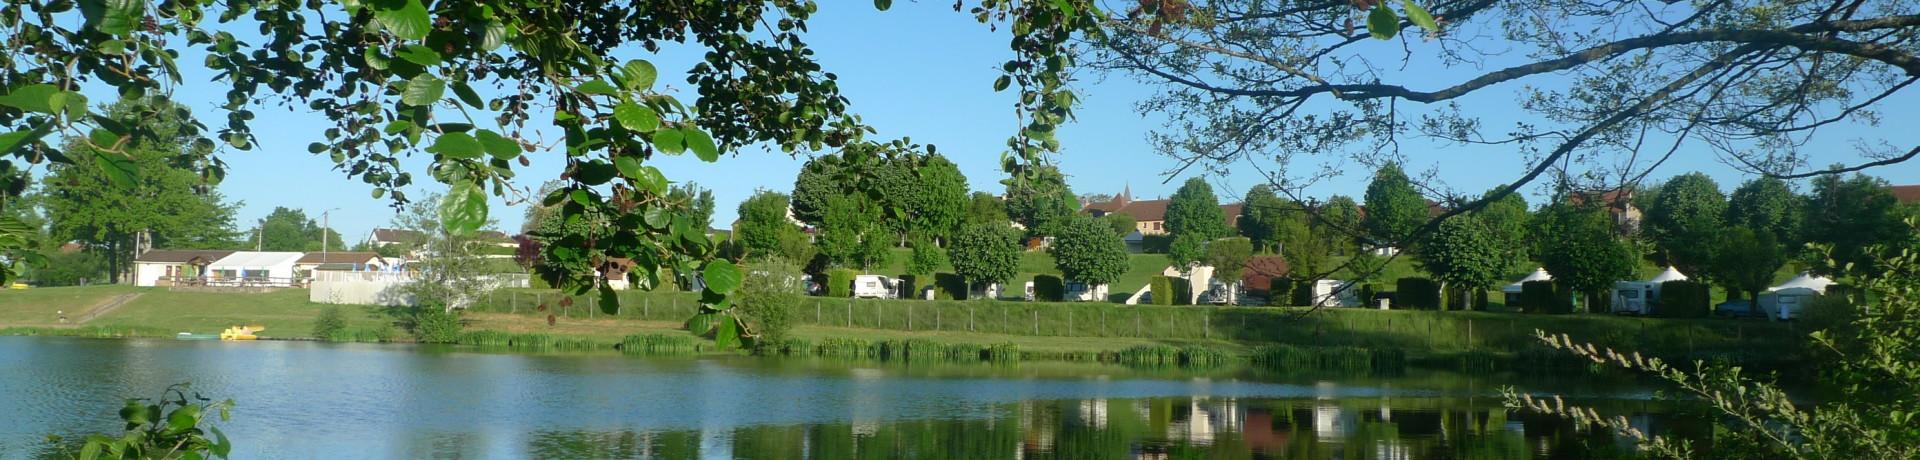 Camping de Montréal is een mooie familiecamping gelegen aan een meer in de regio Limousin. Er zijn mooie faciliteiten om uw vakantie te laten slagen.